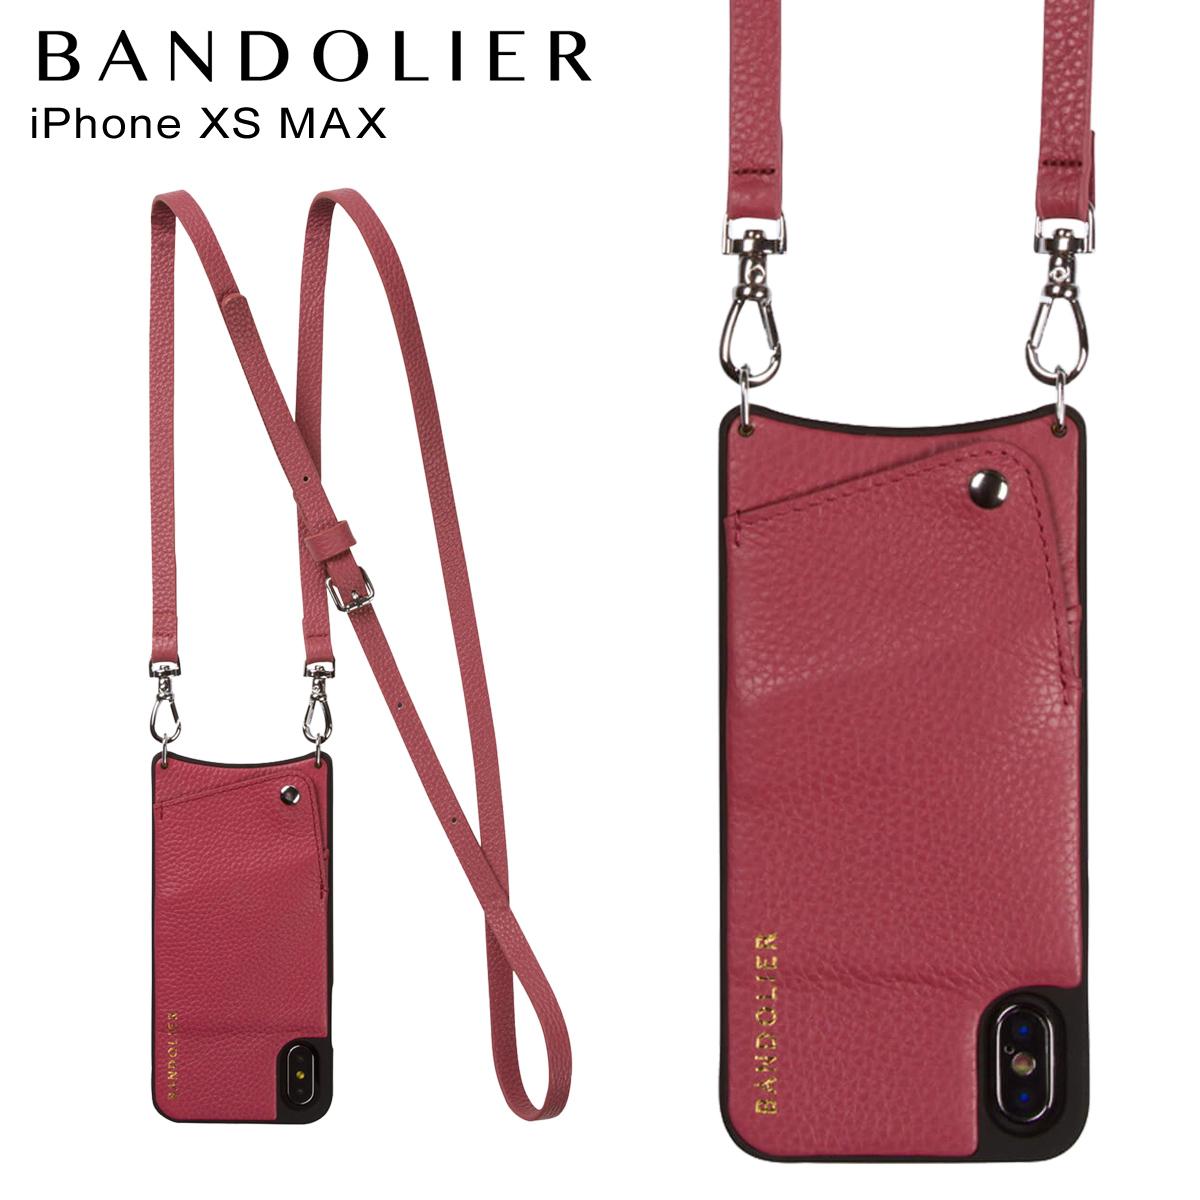 BANDOLIER iPhone XS MAX EMMA MAGENTA RED バンドリヤー ケース ショルダー スマホ アイフォン レザー メンズ レディース マゼンタ レッド 10EMM1001 [予約商品 4月下旬頃入荷予定 再入荷]